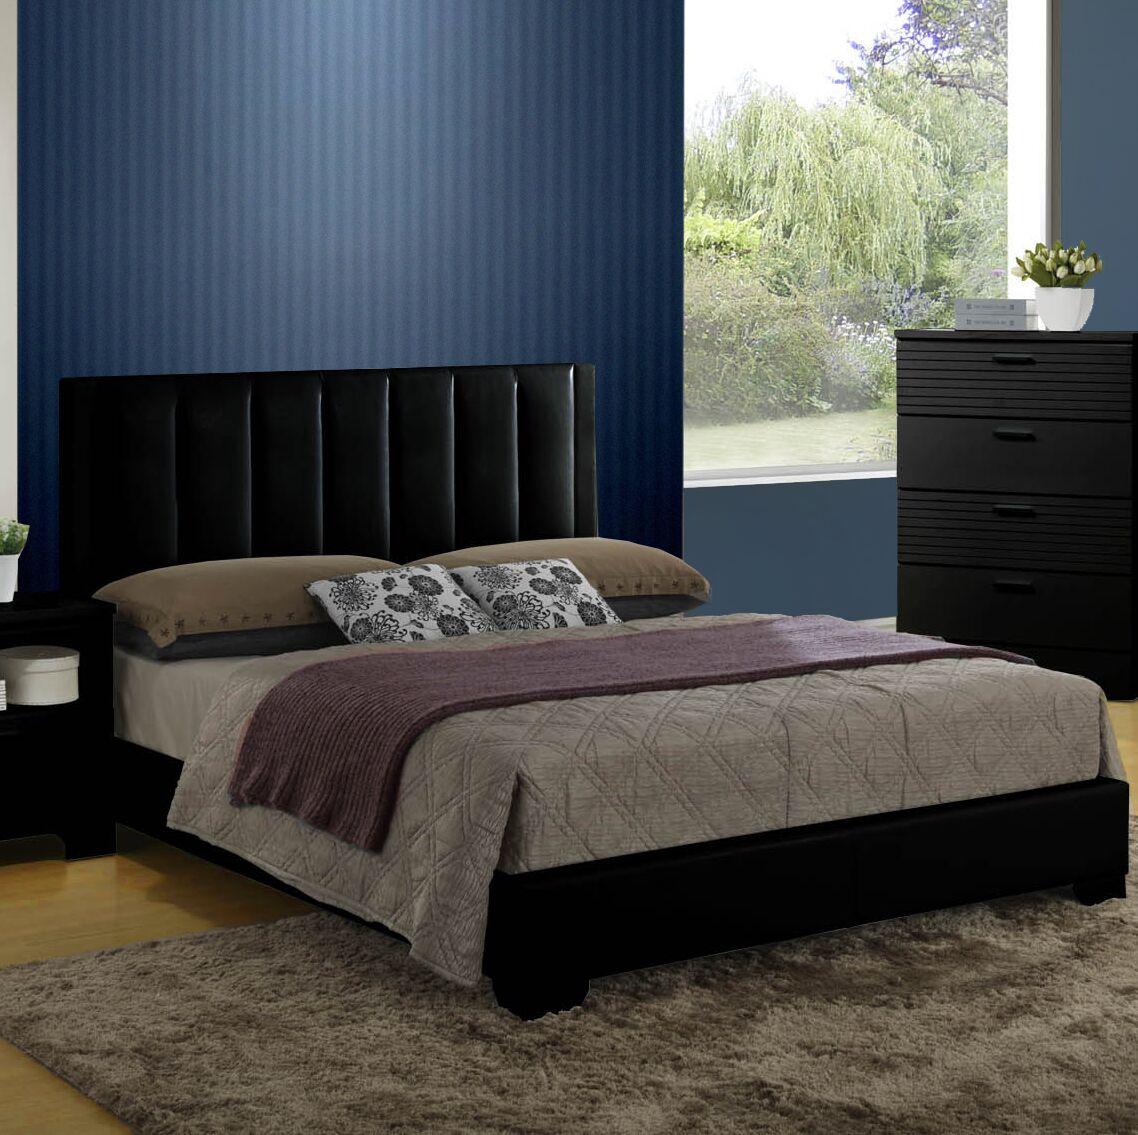 Moderno Upholstered Platform Bed Color: Black, Size: Queen